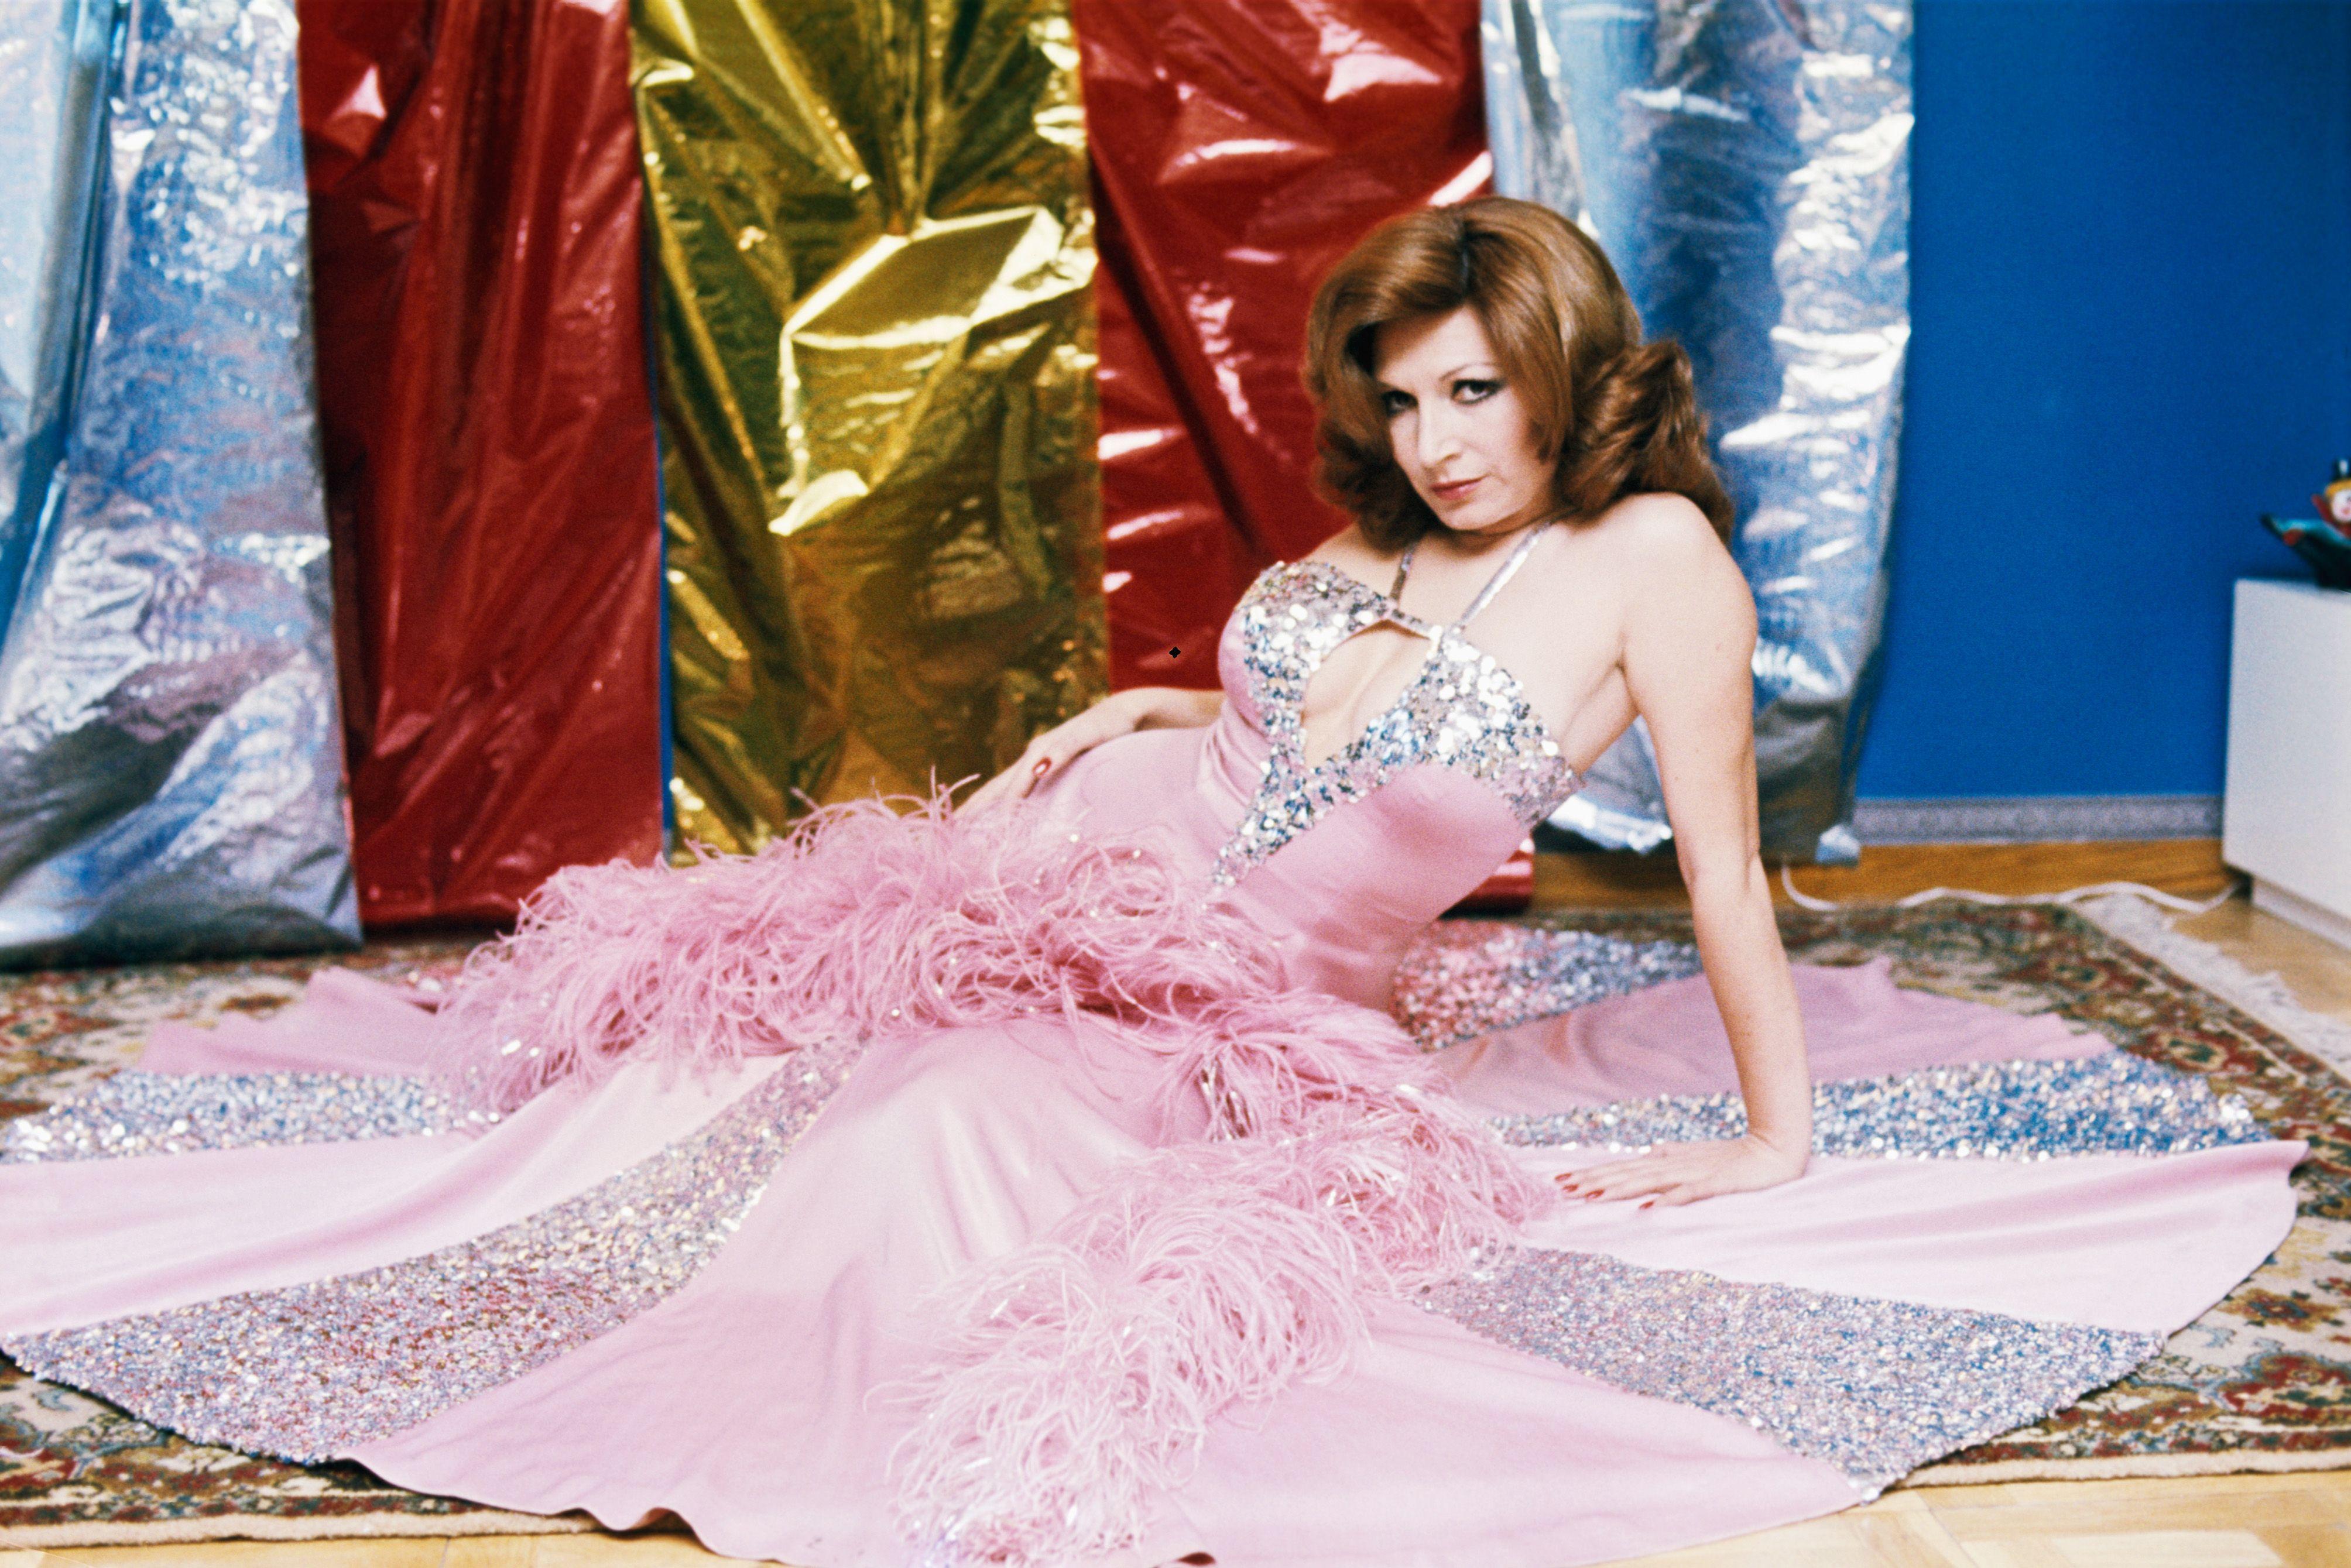 Historia de un vestido: Rocío Jurado y el diseño del escándalo que desafió la censura